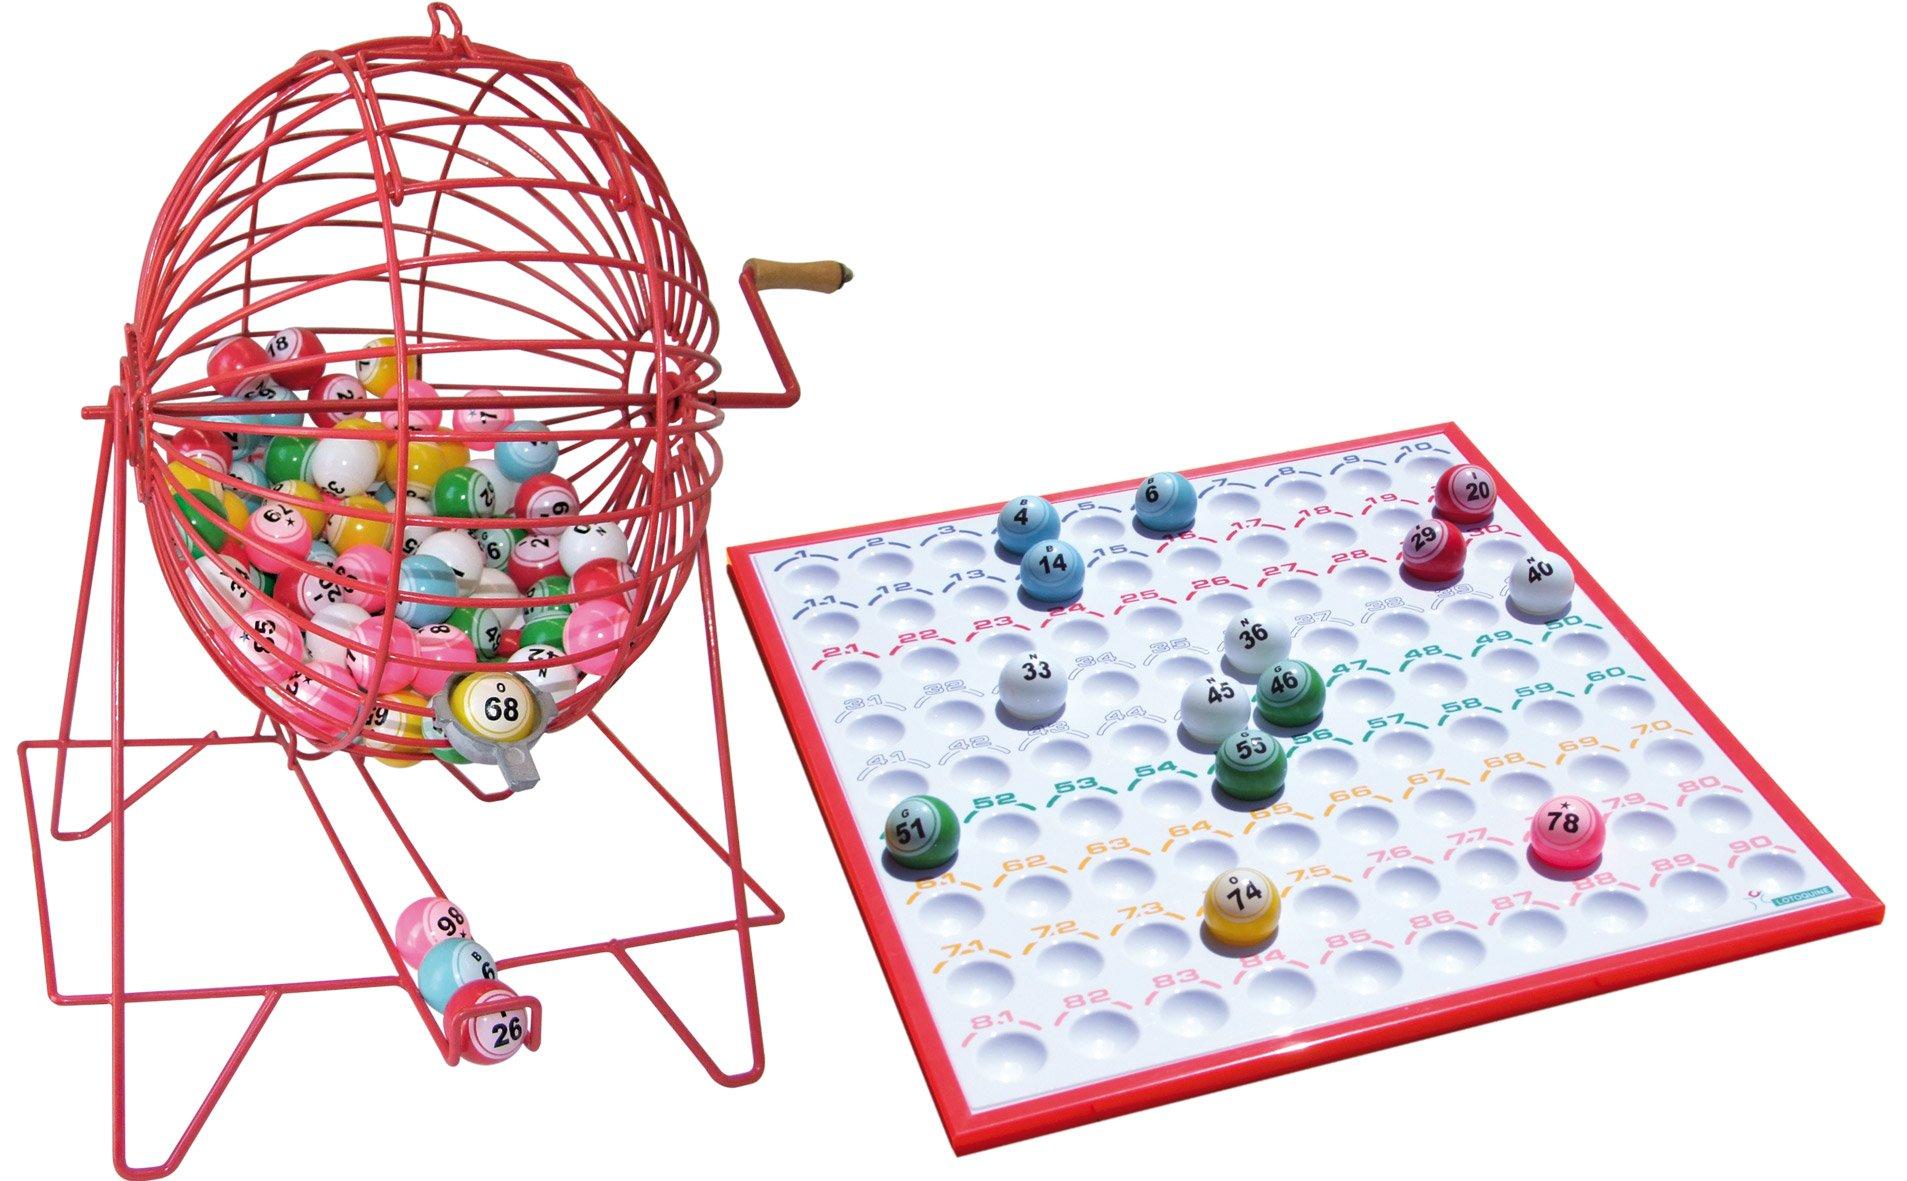 Bombo Manual de Bingo Grande: Amazon.es: Juguetes y juegos